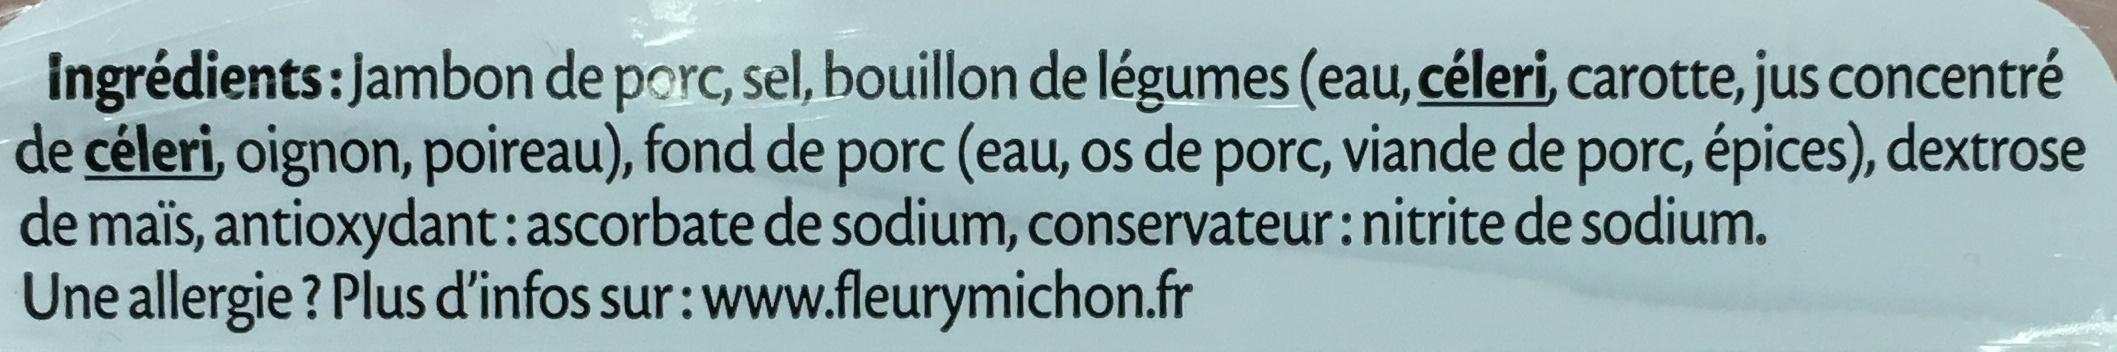 Le Supérieur - Jambon cuit à l'Etouffée - Ingrediënten - fr